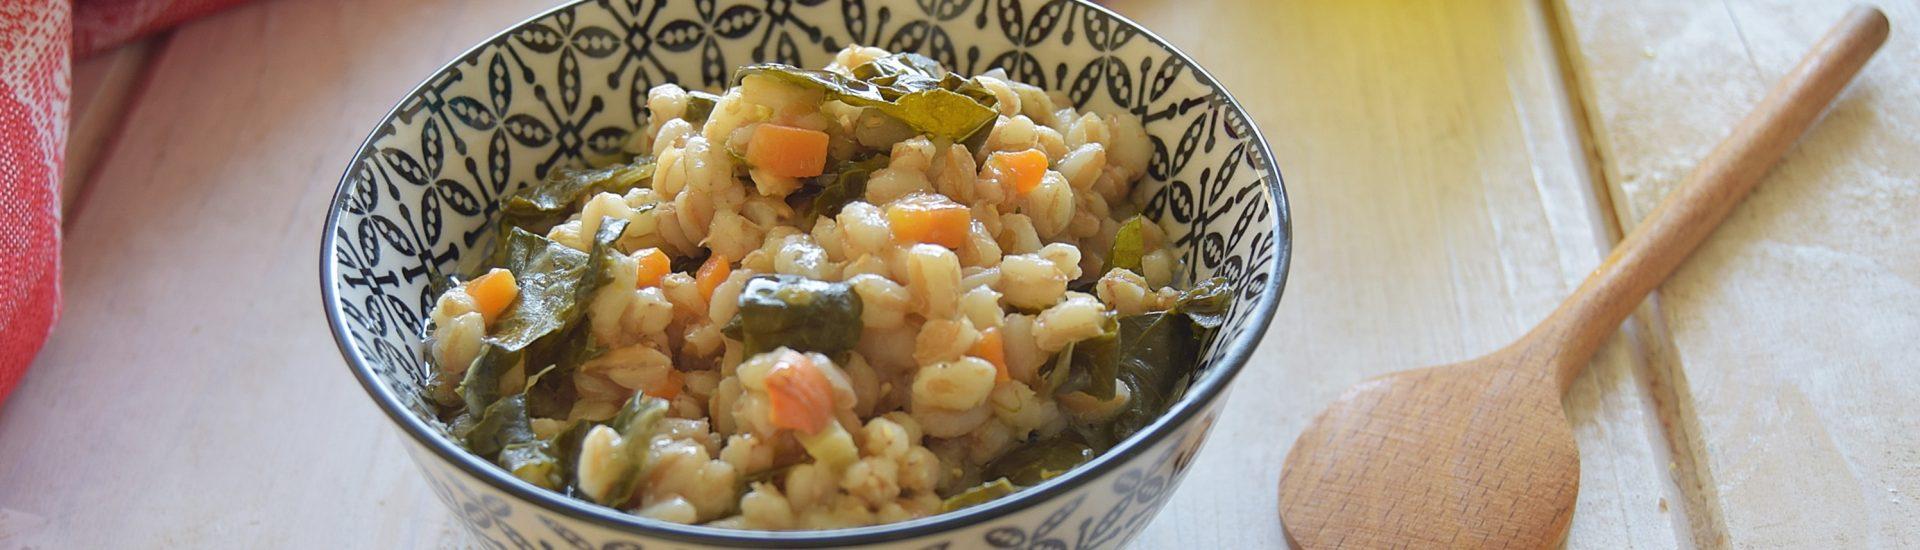 Zuppa di farro con cavolo nero-facile e gustosa